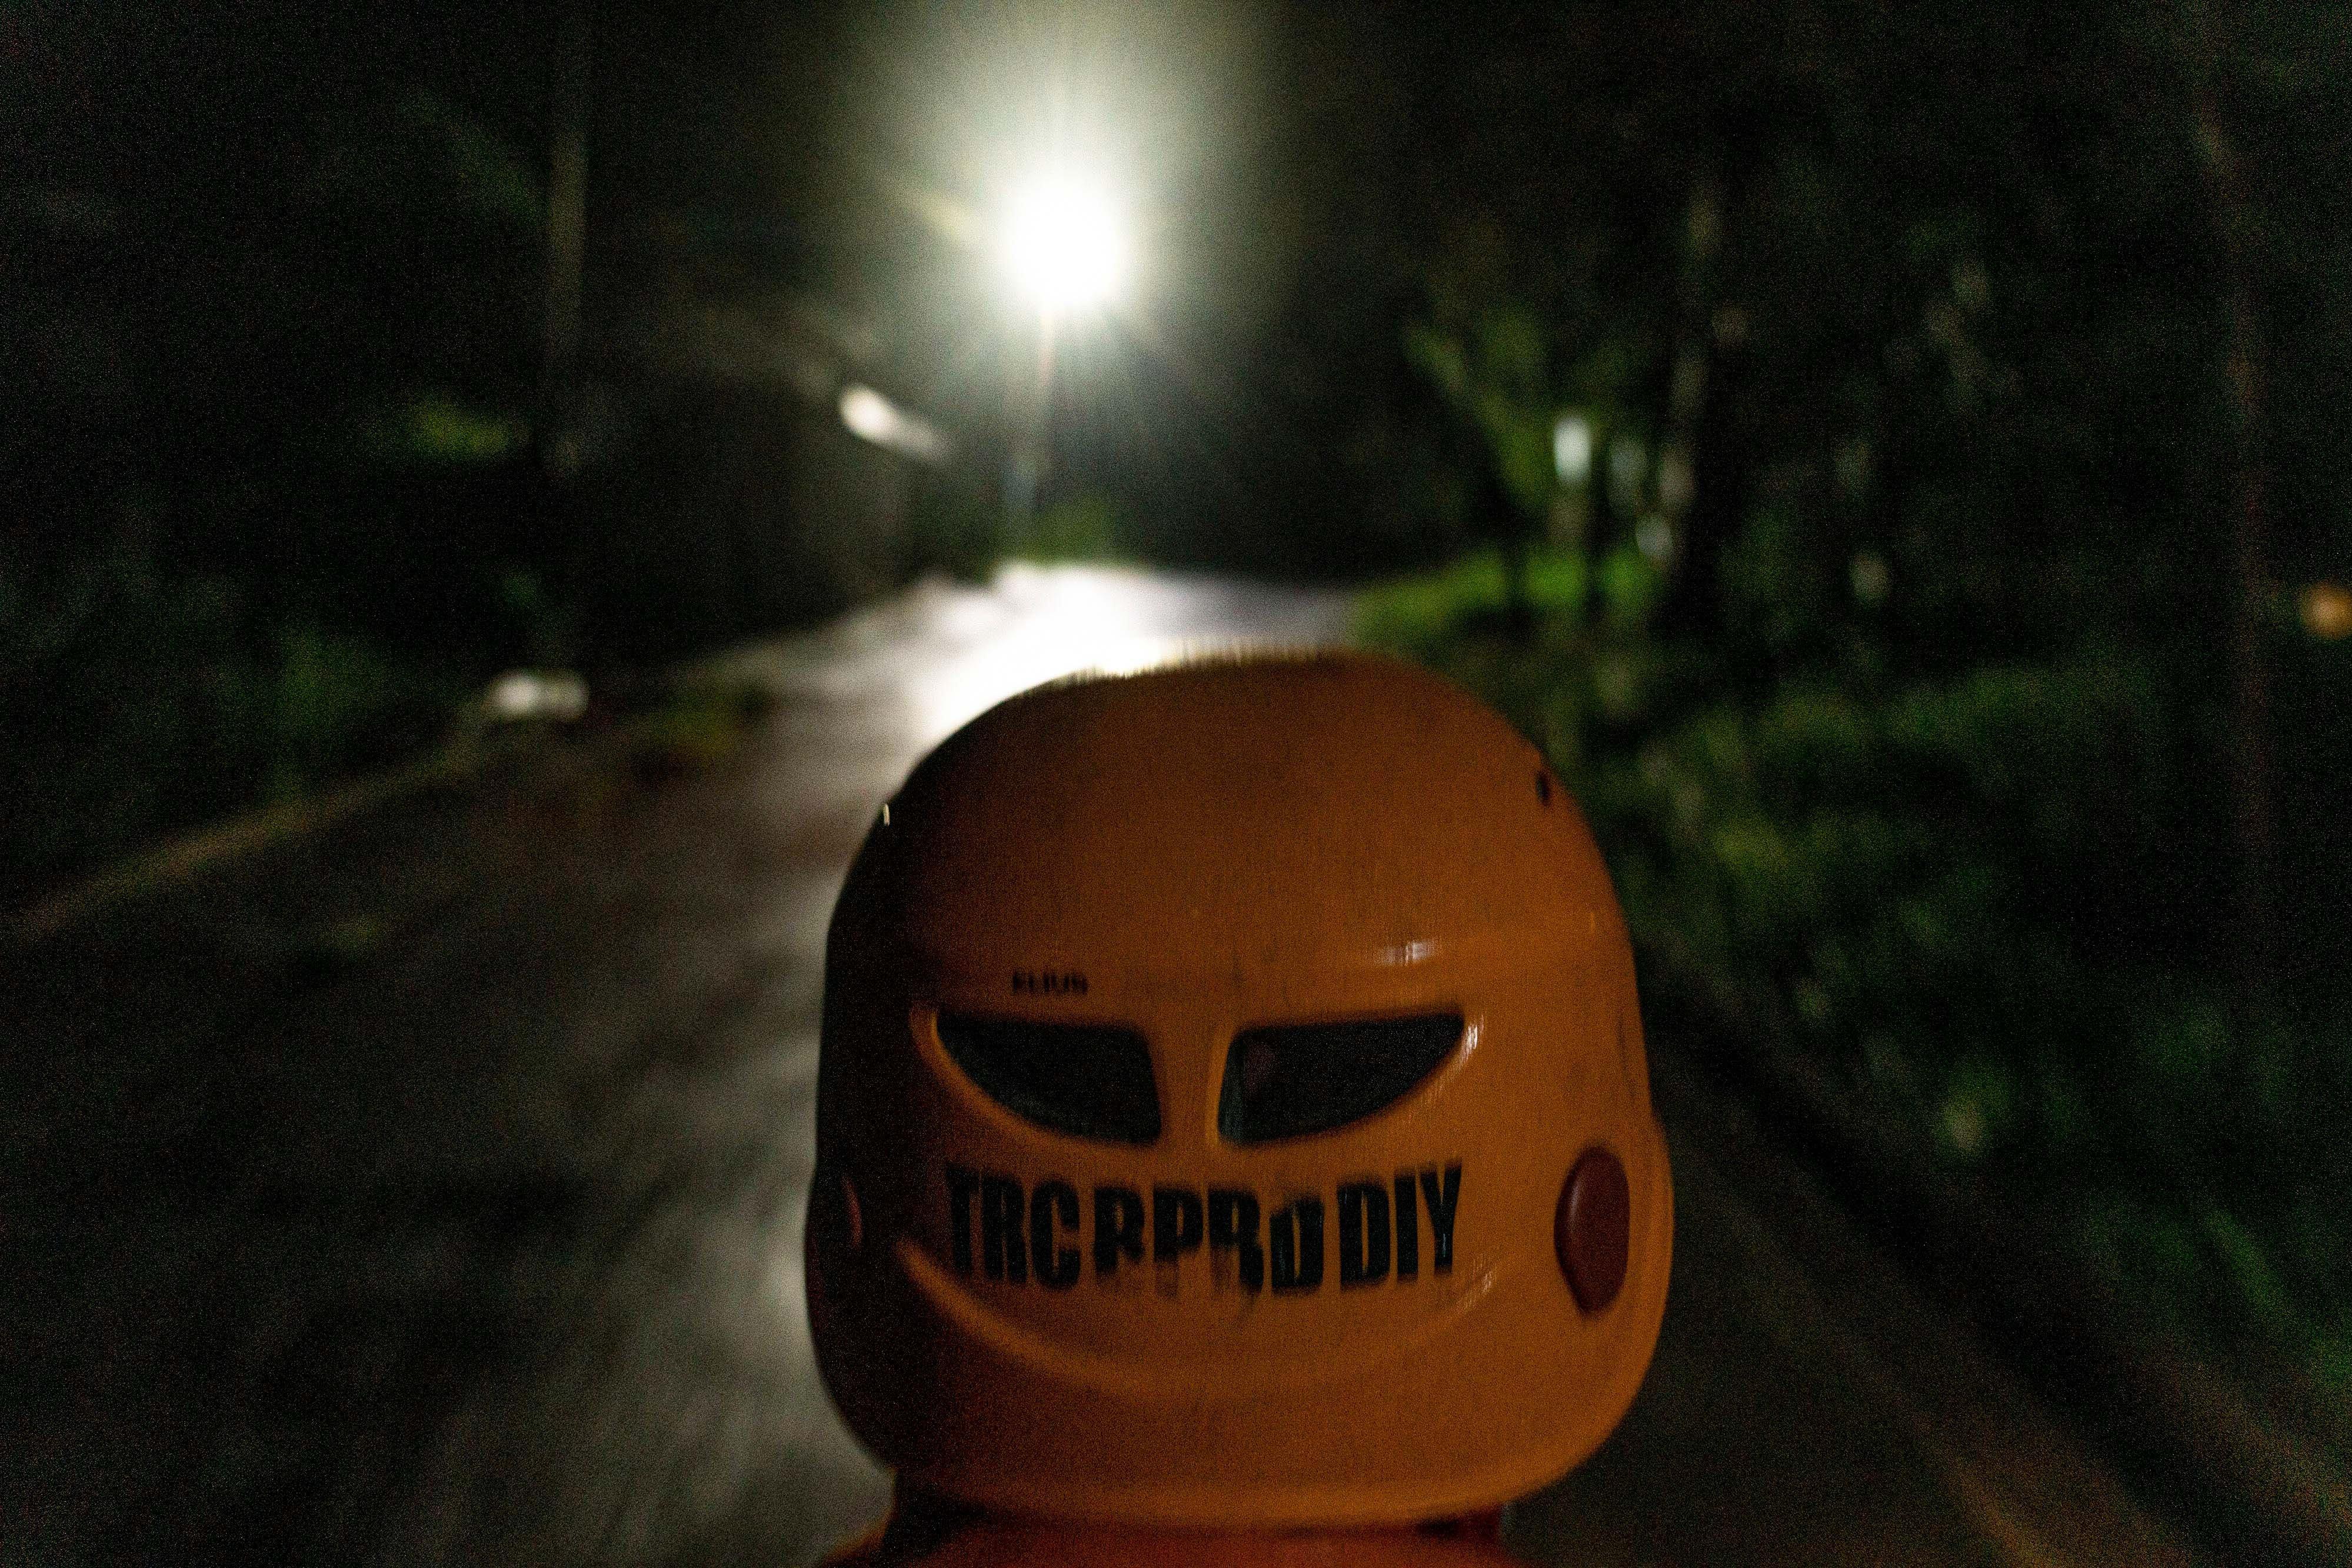 Anggota Tim Reaksi Cepat (TRC) BPBD DIY menuju pos pantau Desa Glagaharjo, Cangkringan, Sleman, DI Yogyakarta.